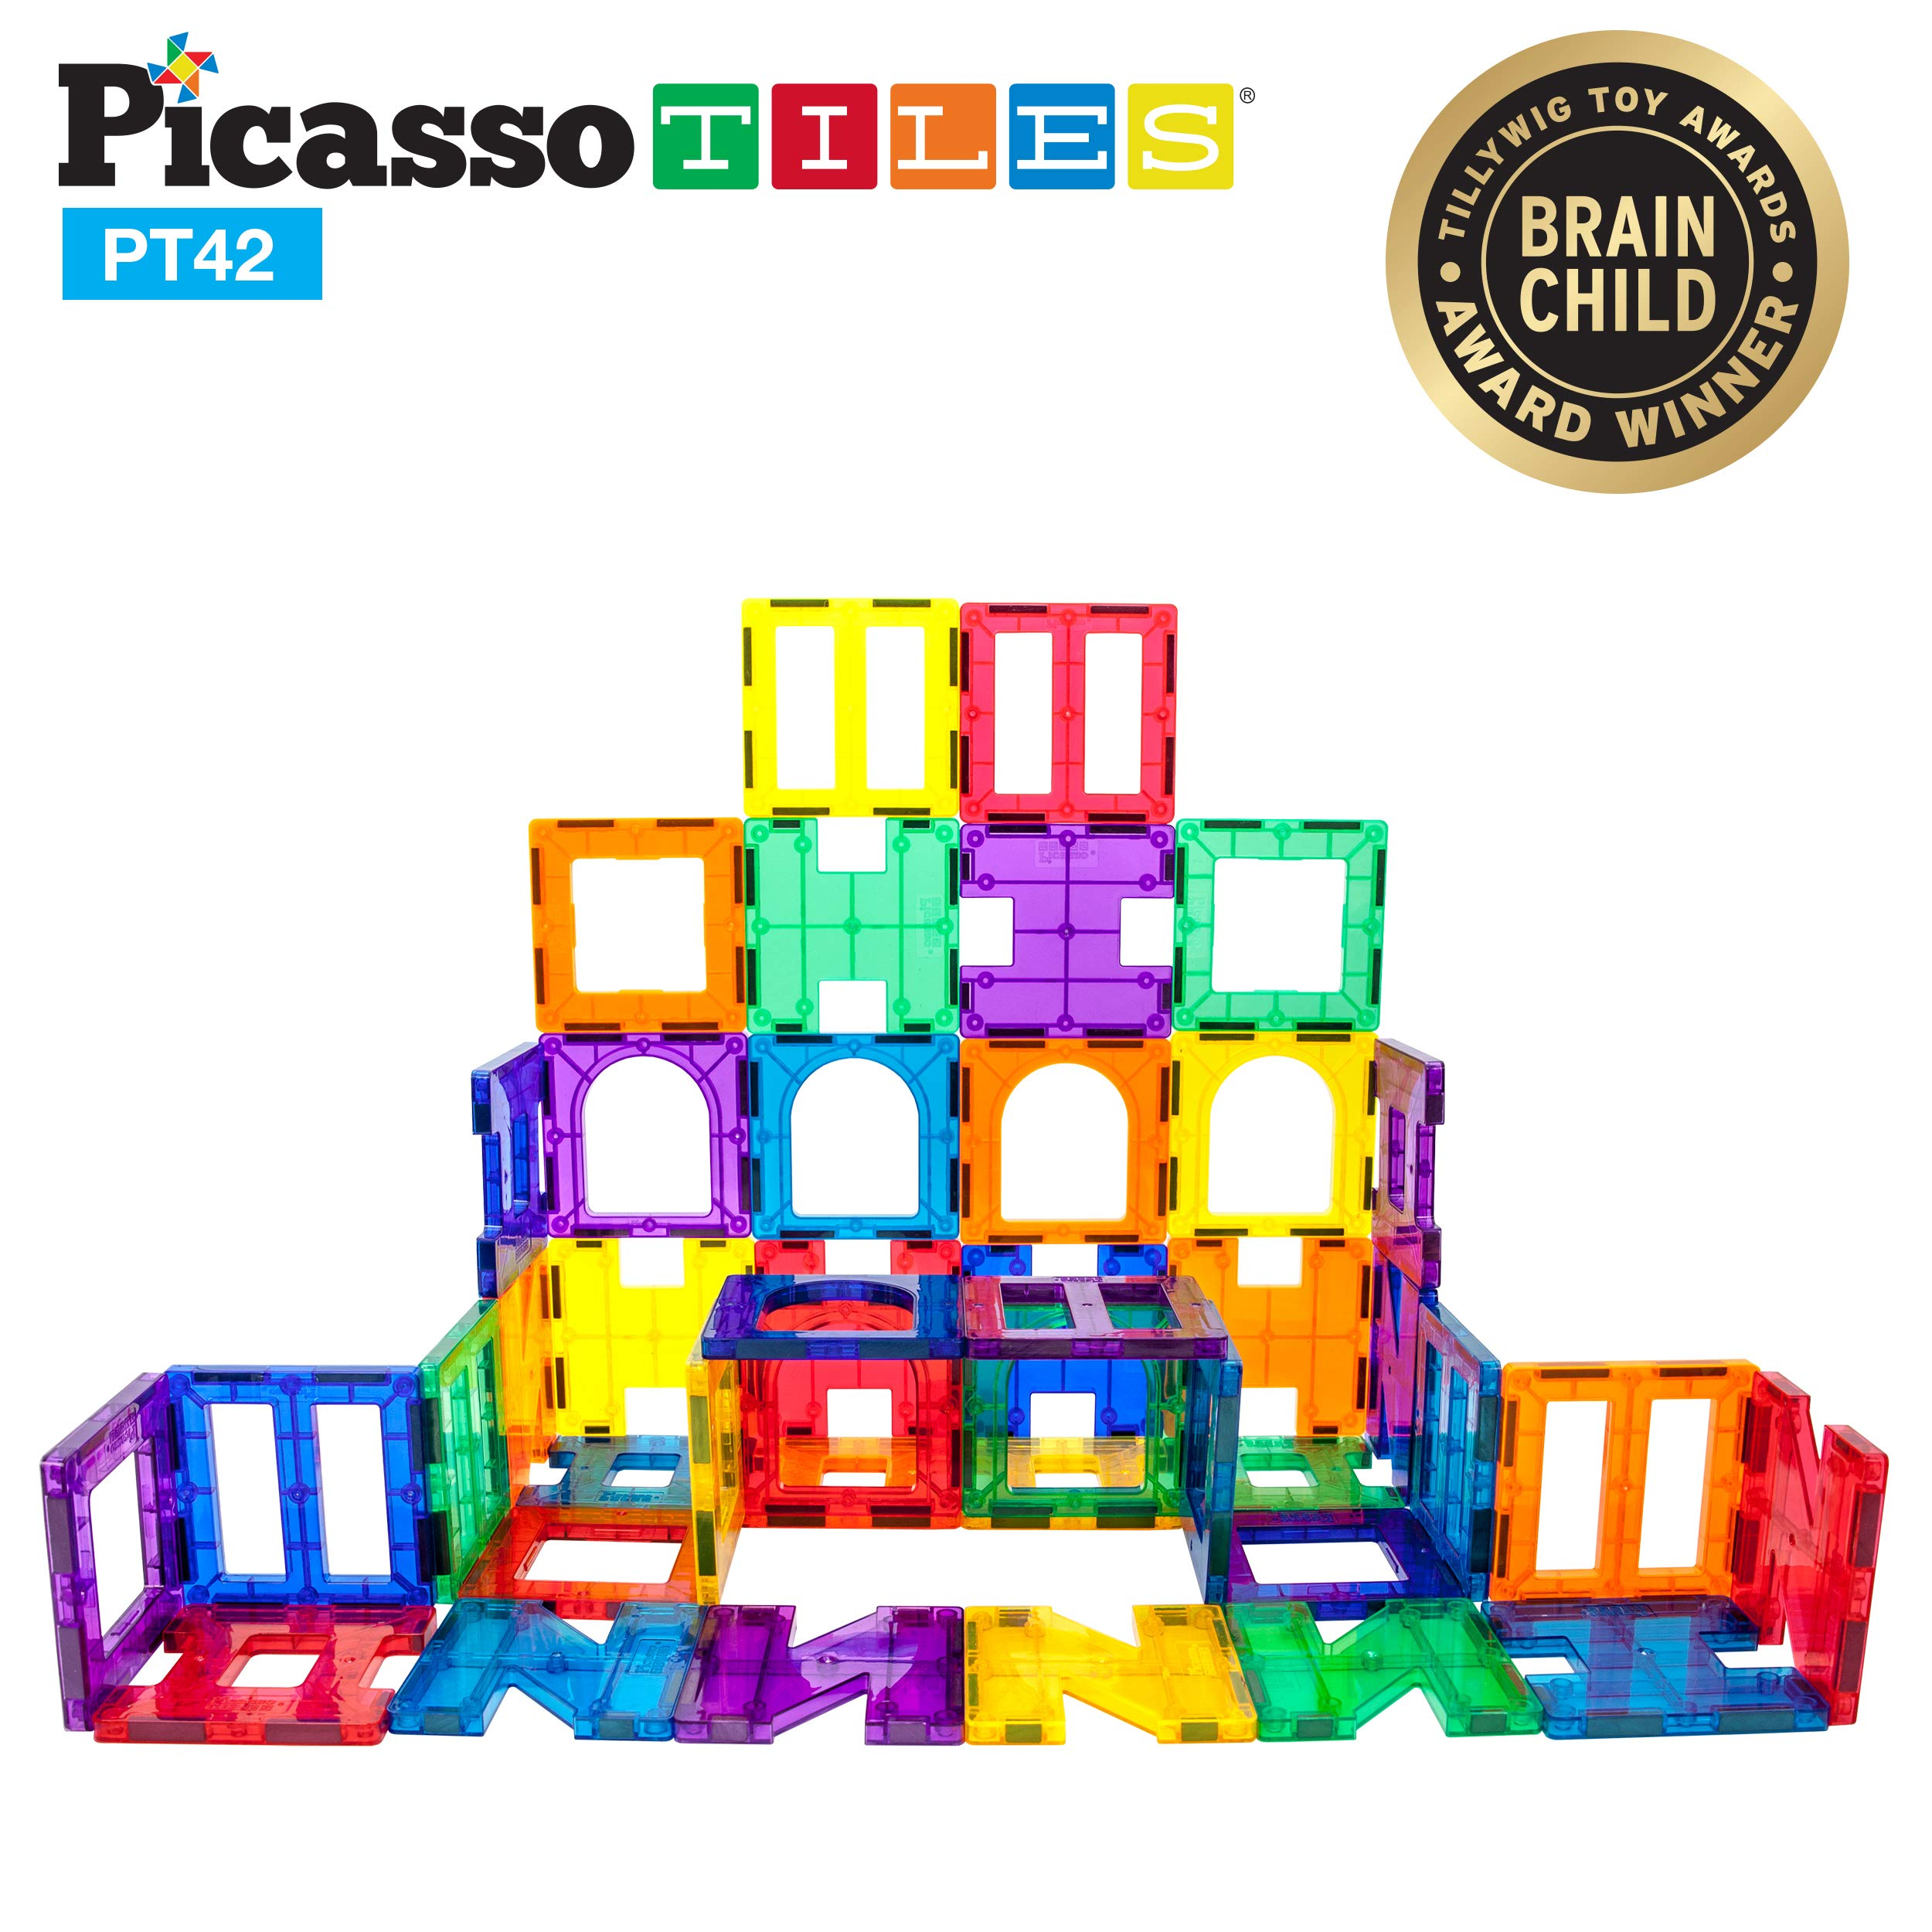 PicassoTiles¨ PT42 Designer Artistry Kit 42pcs Set Magnet Building Tiles Clear Color Magnetic 3D Building Block - Creativity Beyond Imagination! Educational, Inspirational, Conventional, Recreational by PicassoTiles